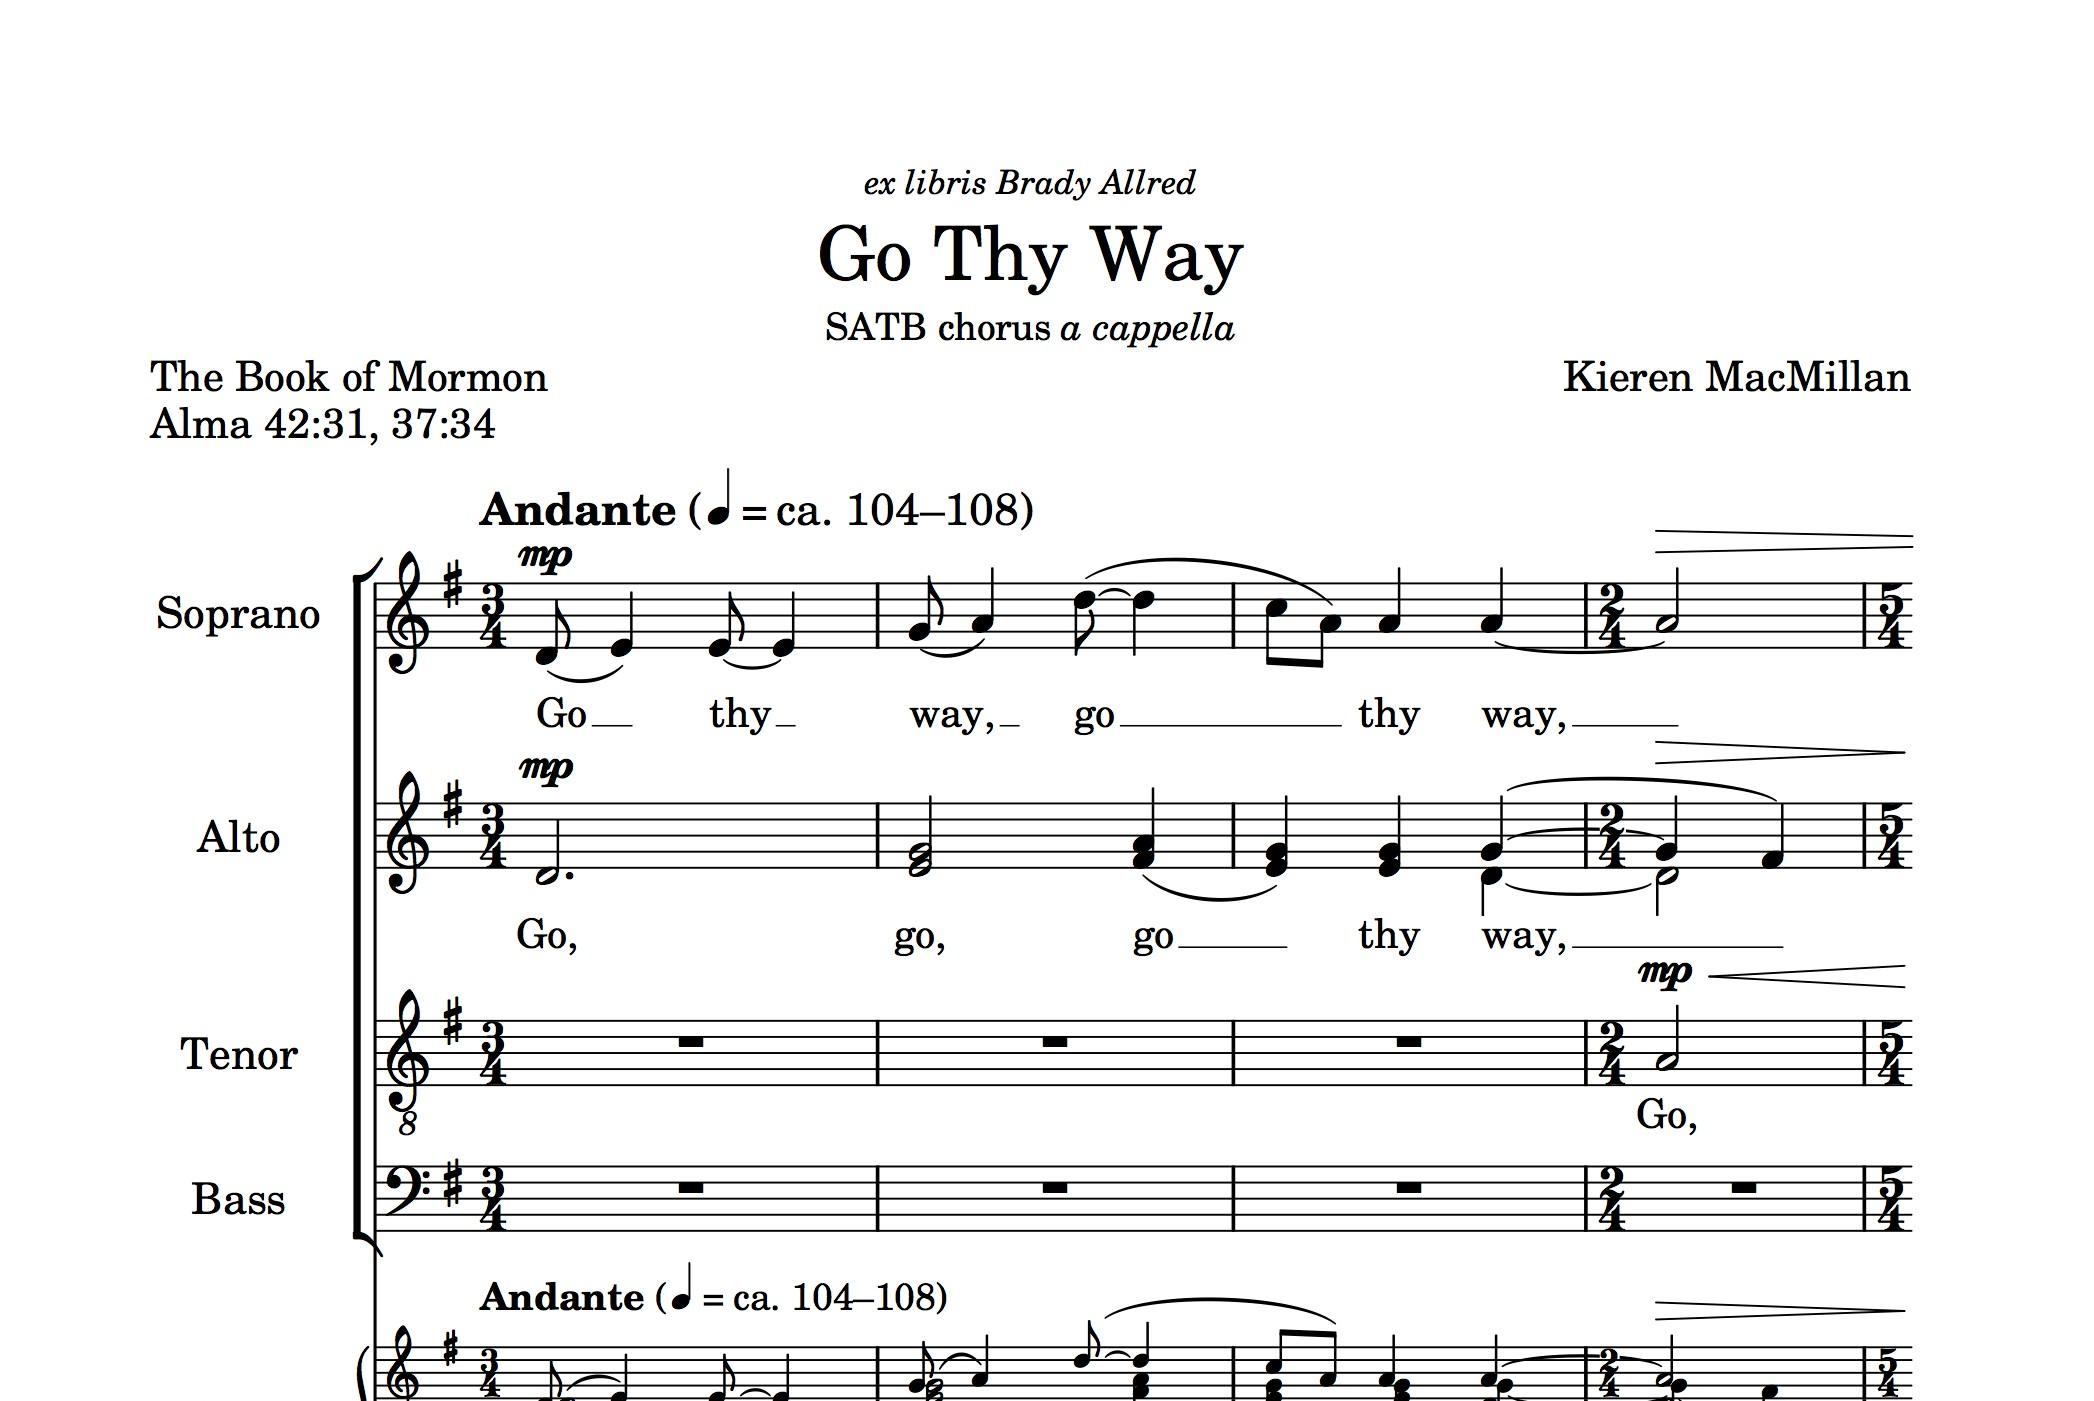 Score Page 1